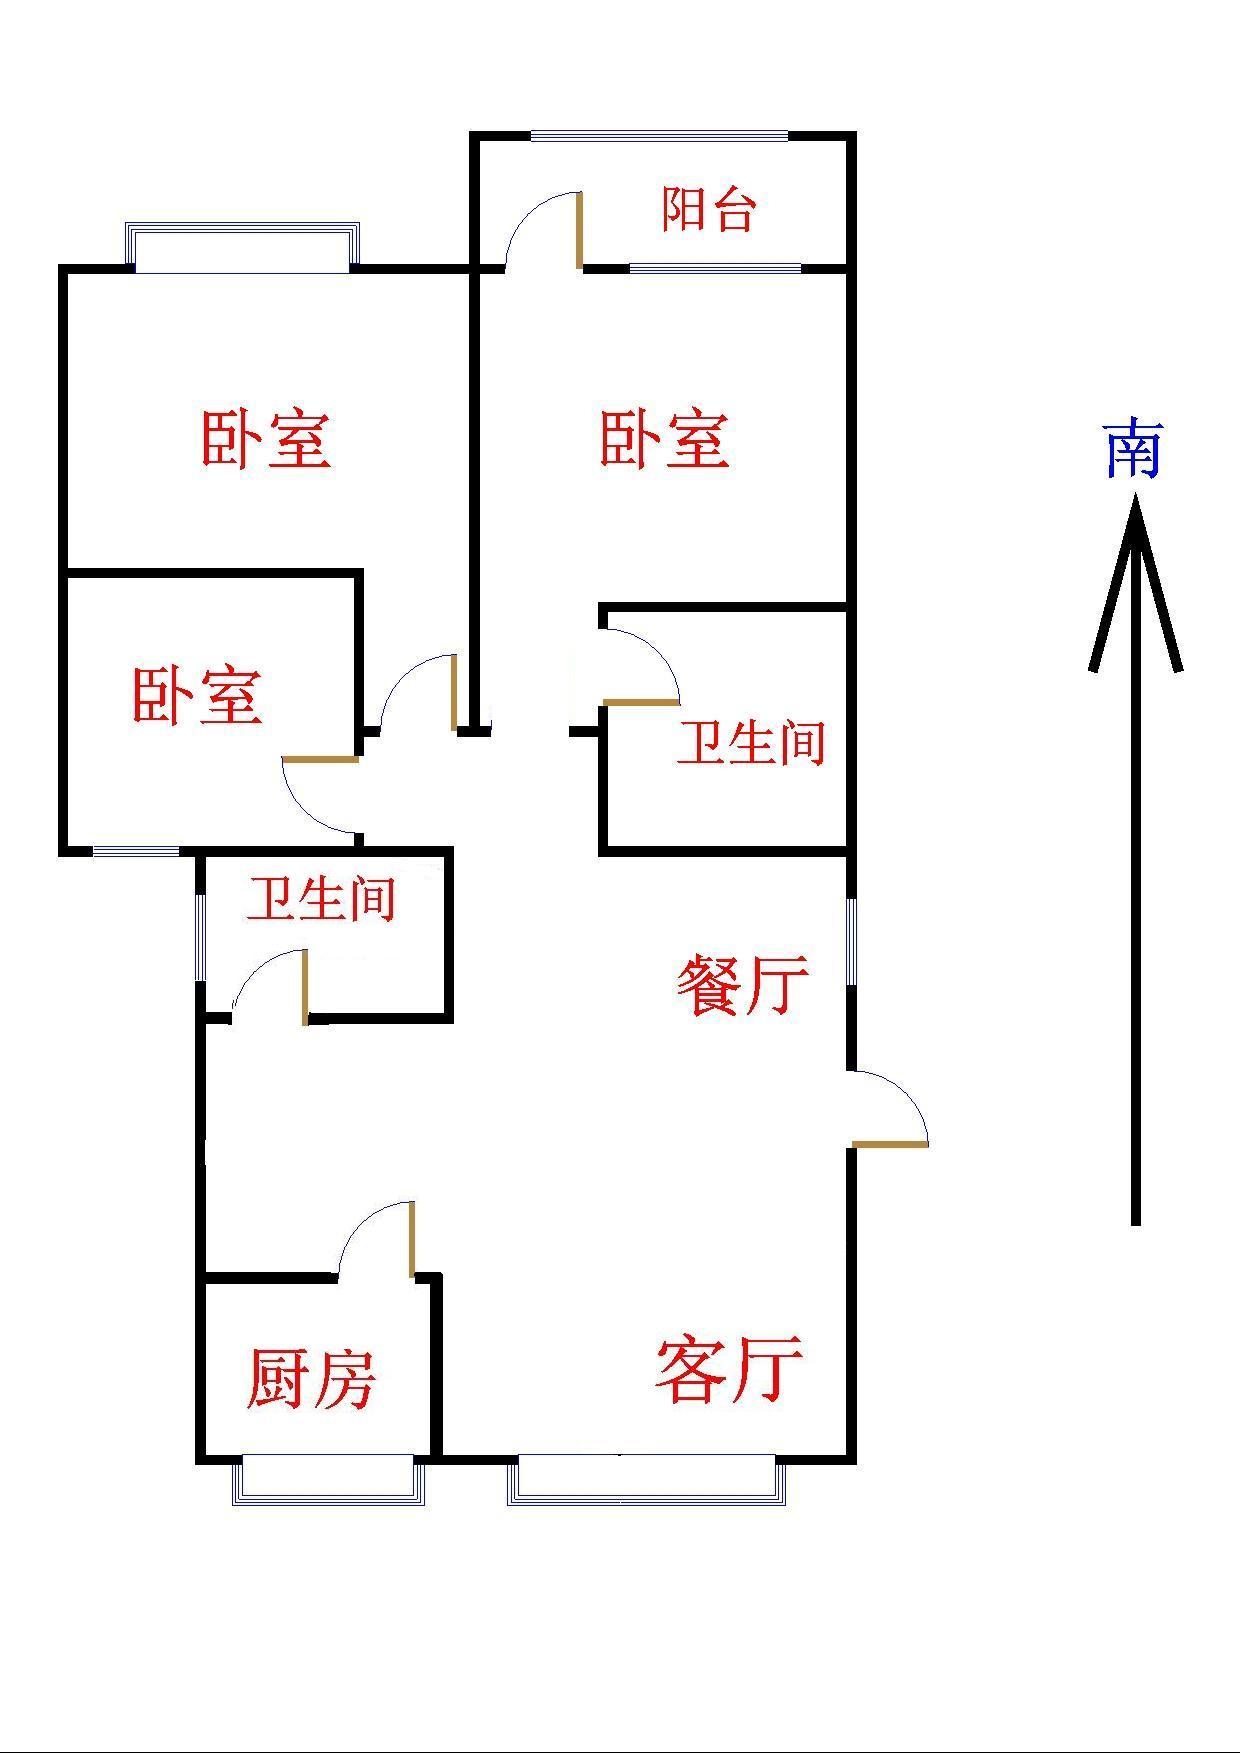 盛世华园 3室2厅 12楼